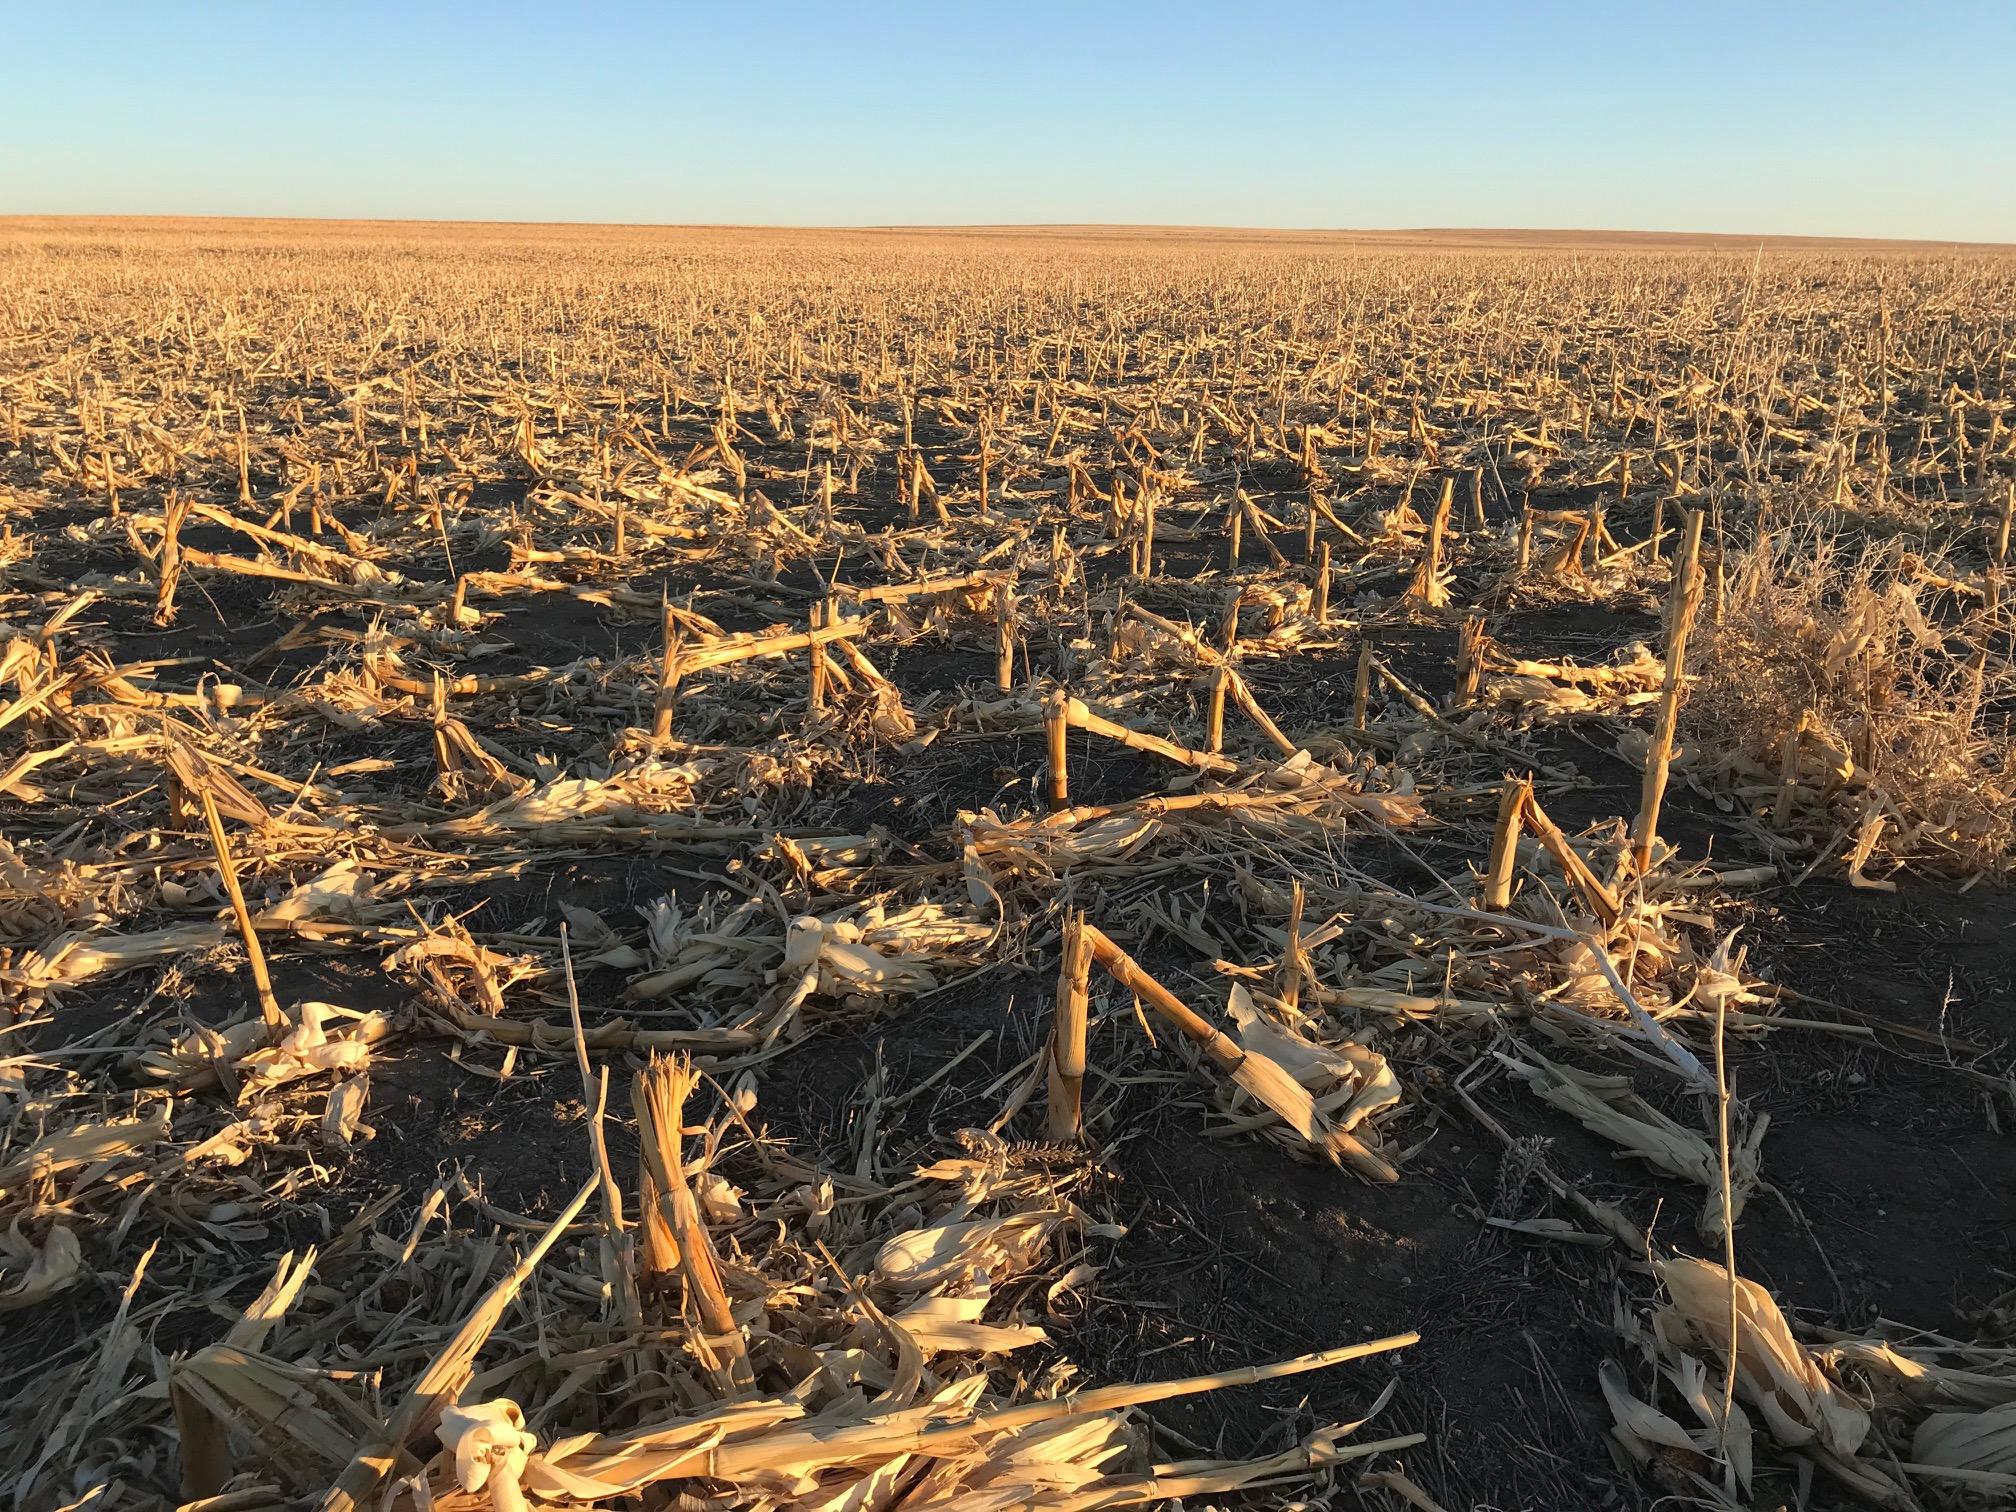 Tract-2-corn-stubble-11.jpg